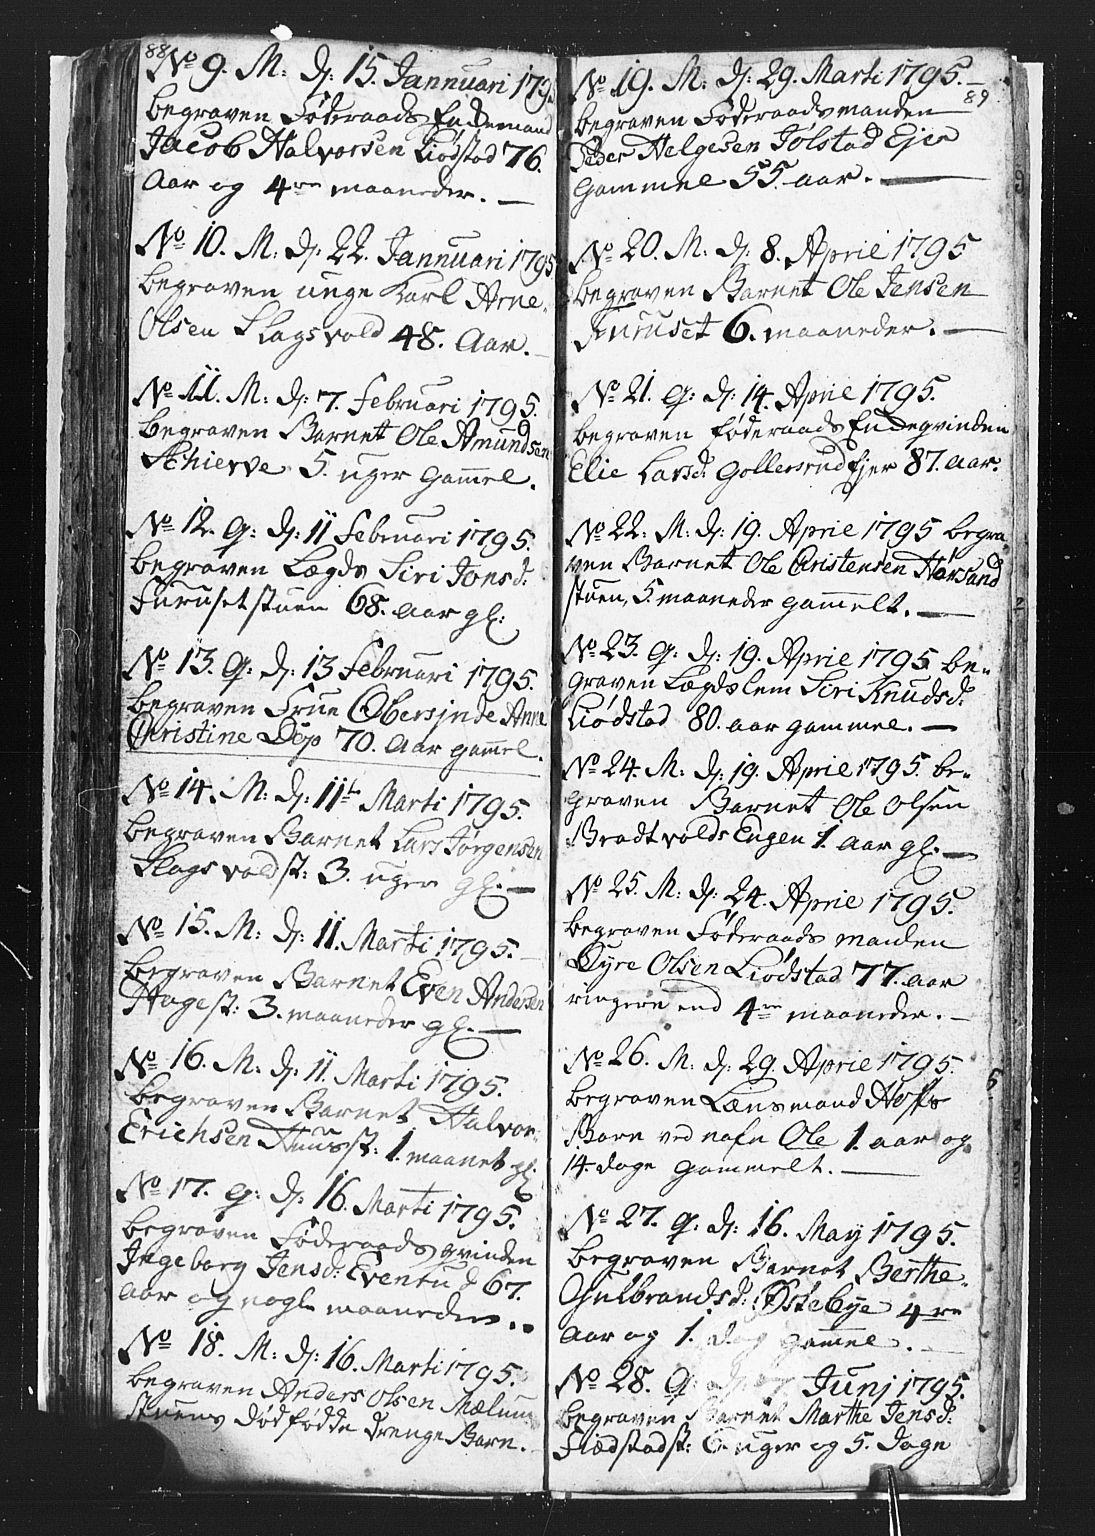 SAH, Romedal prestekontor, L/L0002: Klokkerbok nr. 2, 1795-1800, s. 88-89